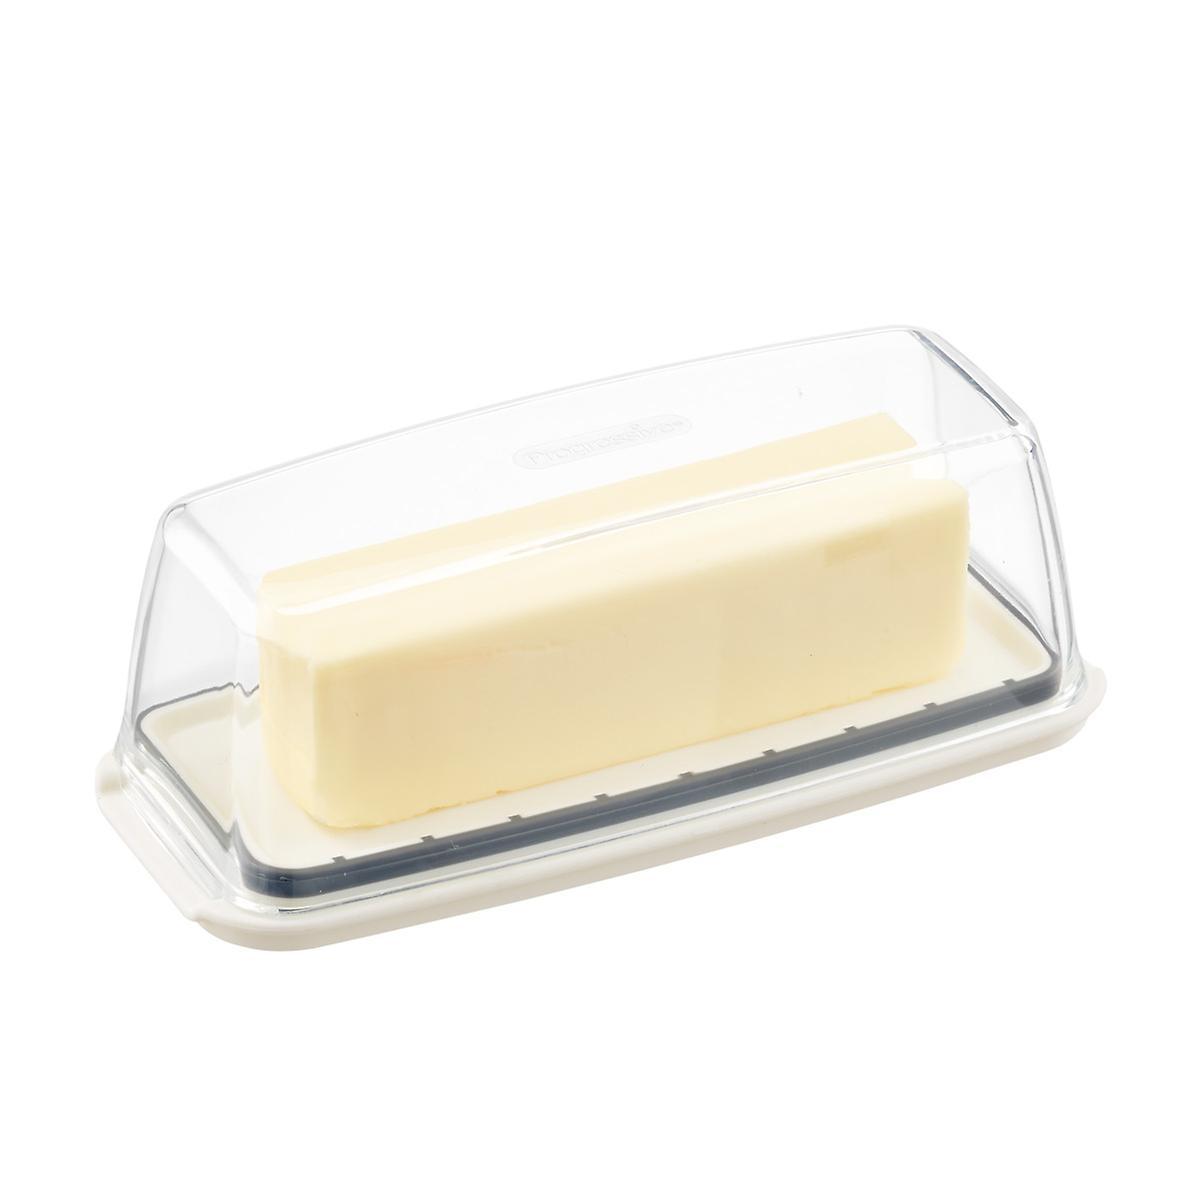 Progressive Prepworks Butter Keeper